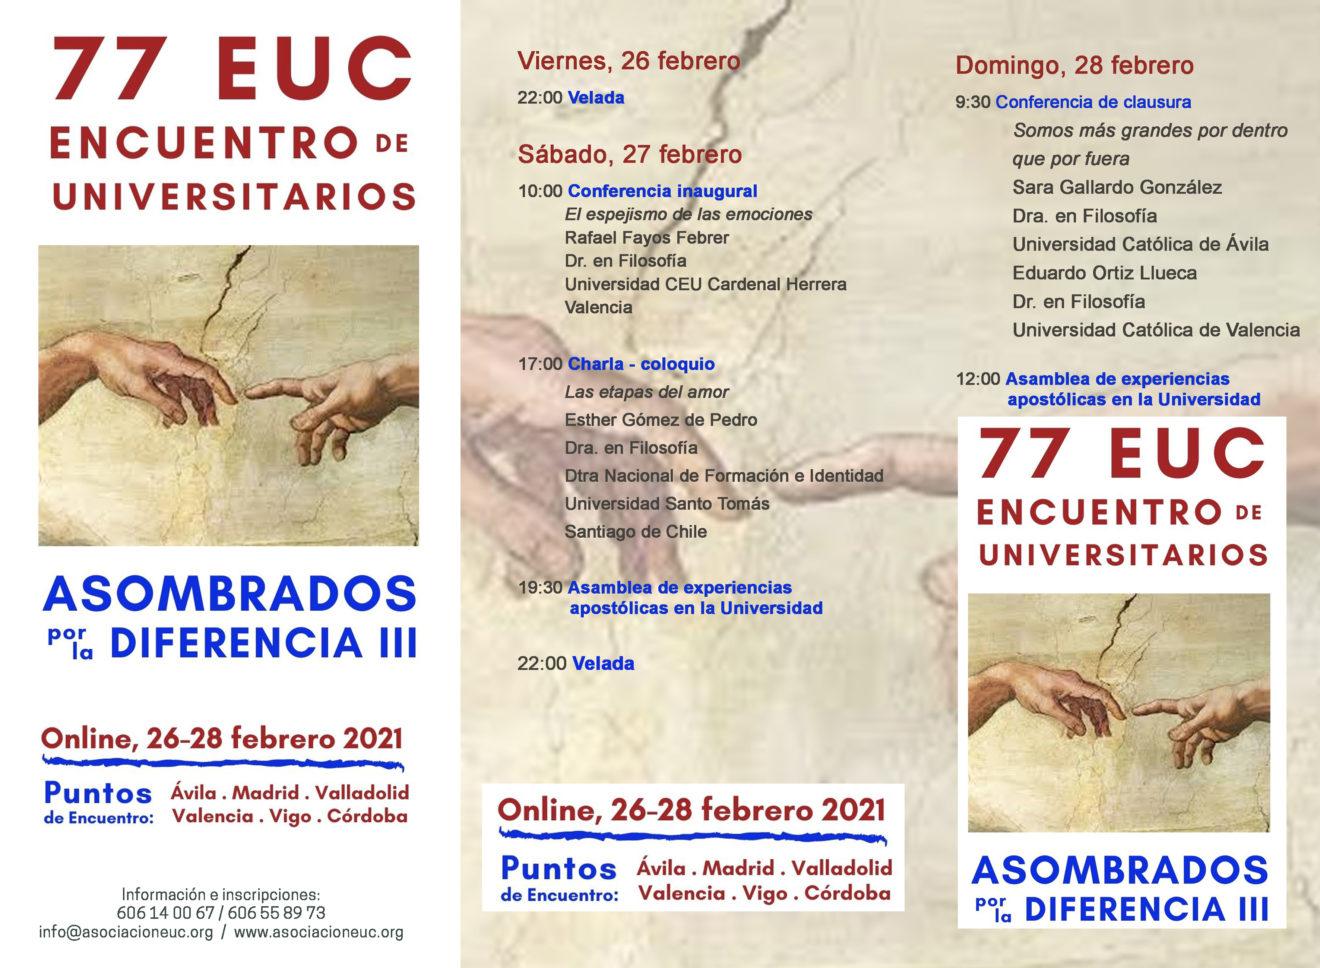 La UCAV y la Asociación EUC celebran el 77º Encuentro de Universitarios del 26 al 28 de febrero en Ávila